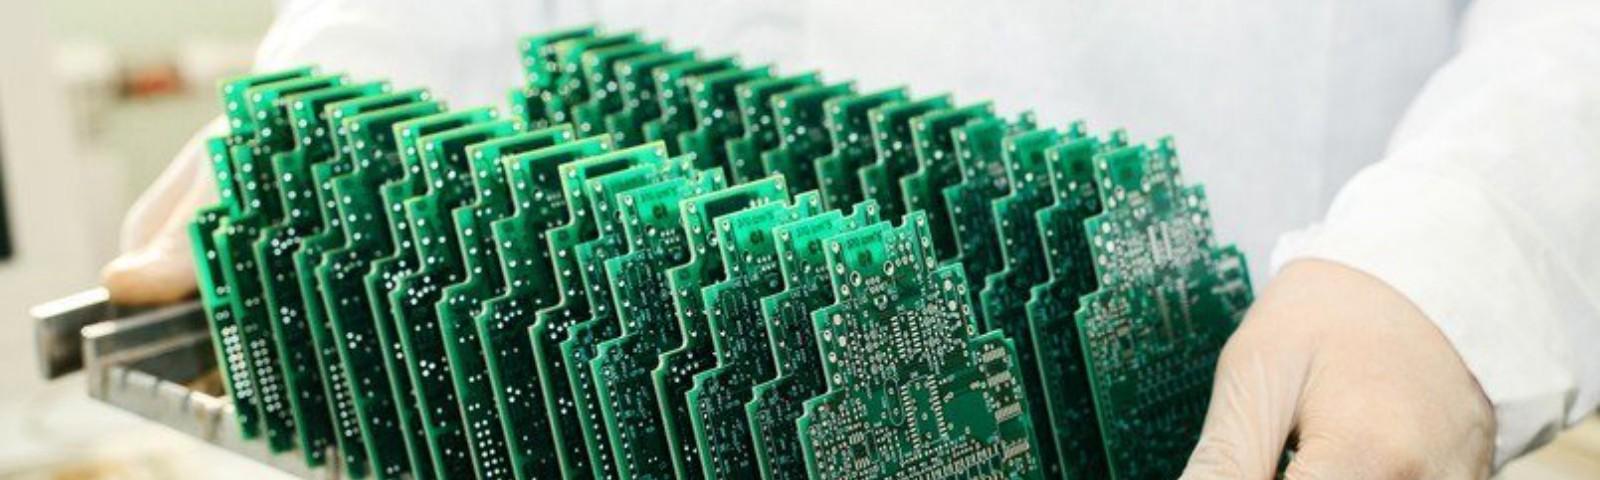 Управление hardware-продуктом: путь тяжелых компромиссов - 1